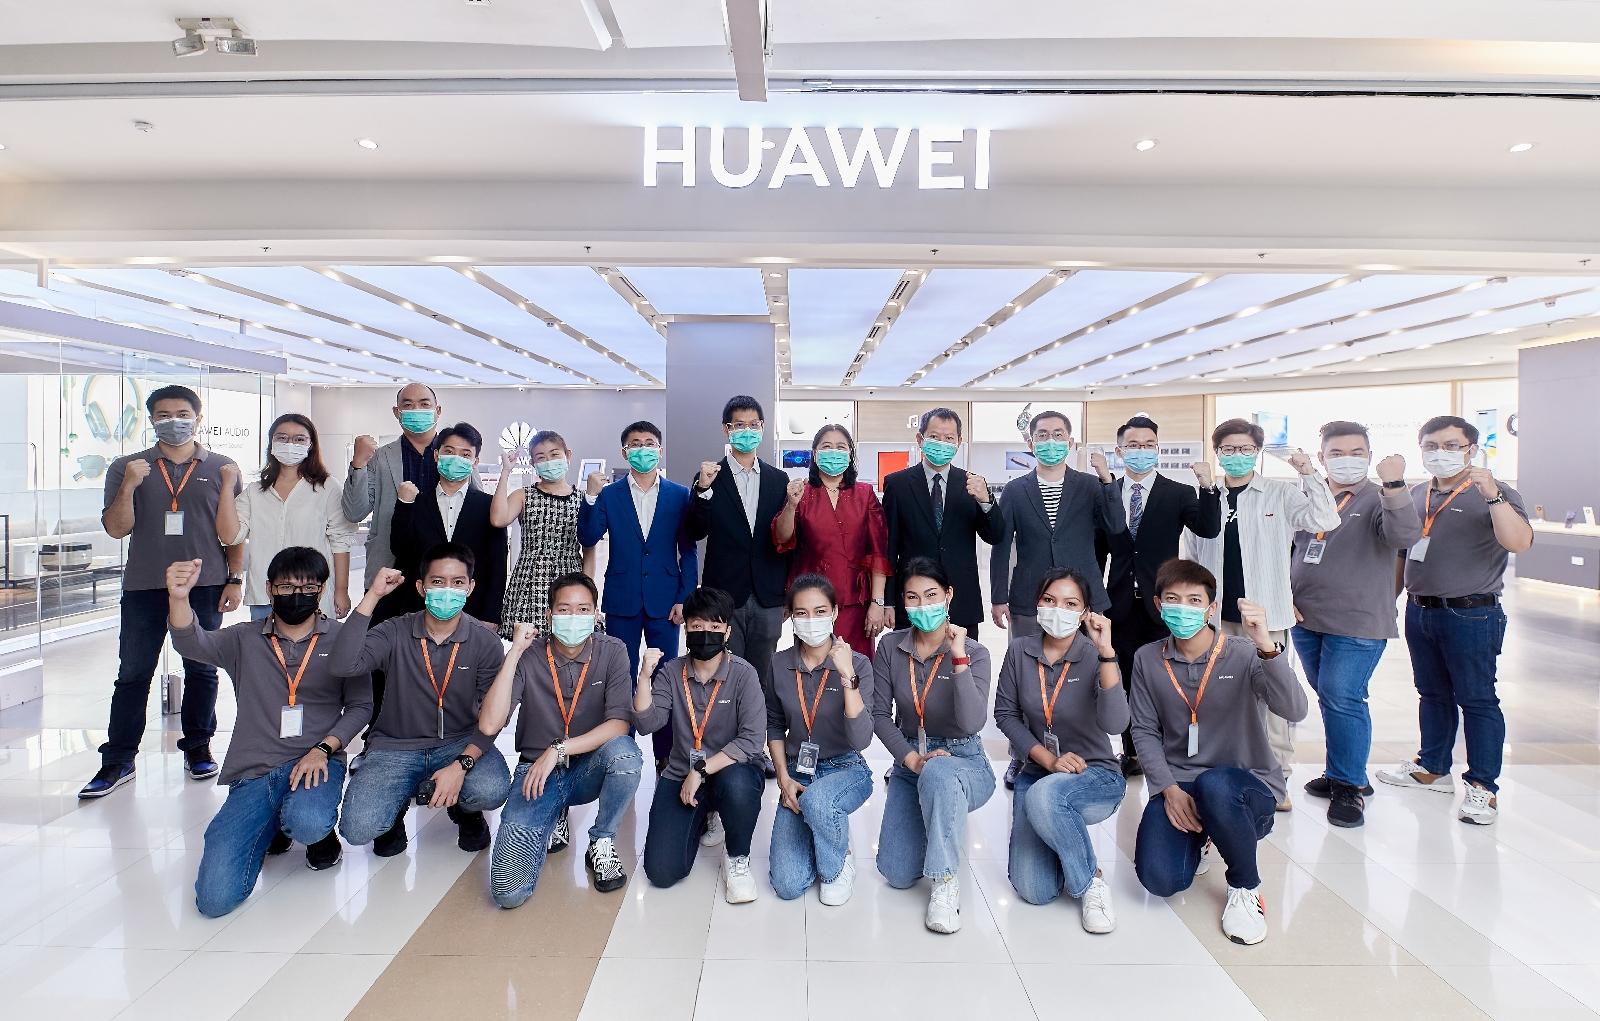 Huawei เปิดตัว HUAWEI HIGH-END EXPERIENCE STORE ประเดิมสาขาแรก ณ สยามพารากอน ร่วมสัมผัสประสบการณ์สุดล้ำยุค ครบจบทุกบริการใจกลางเมือง